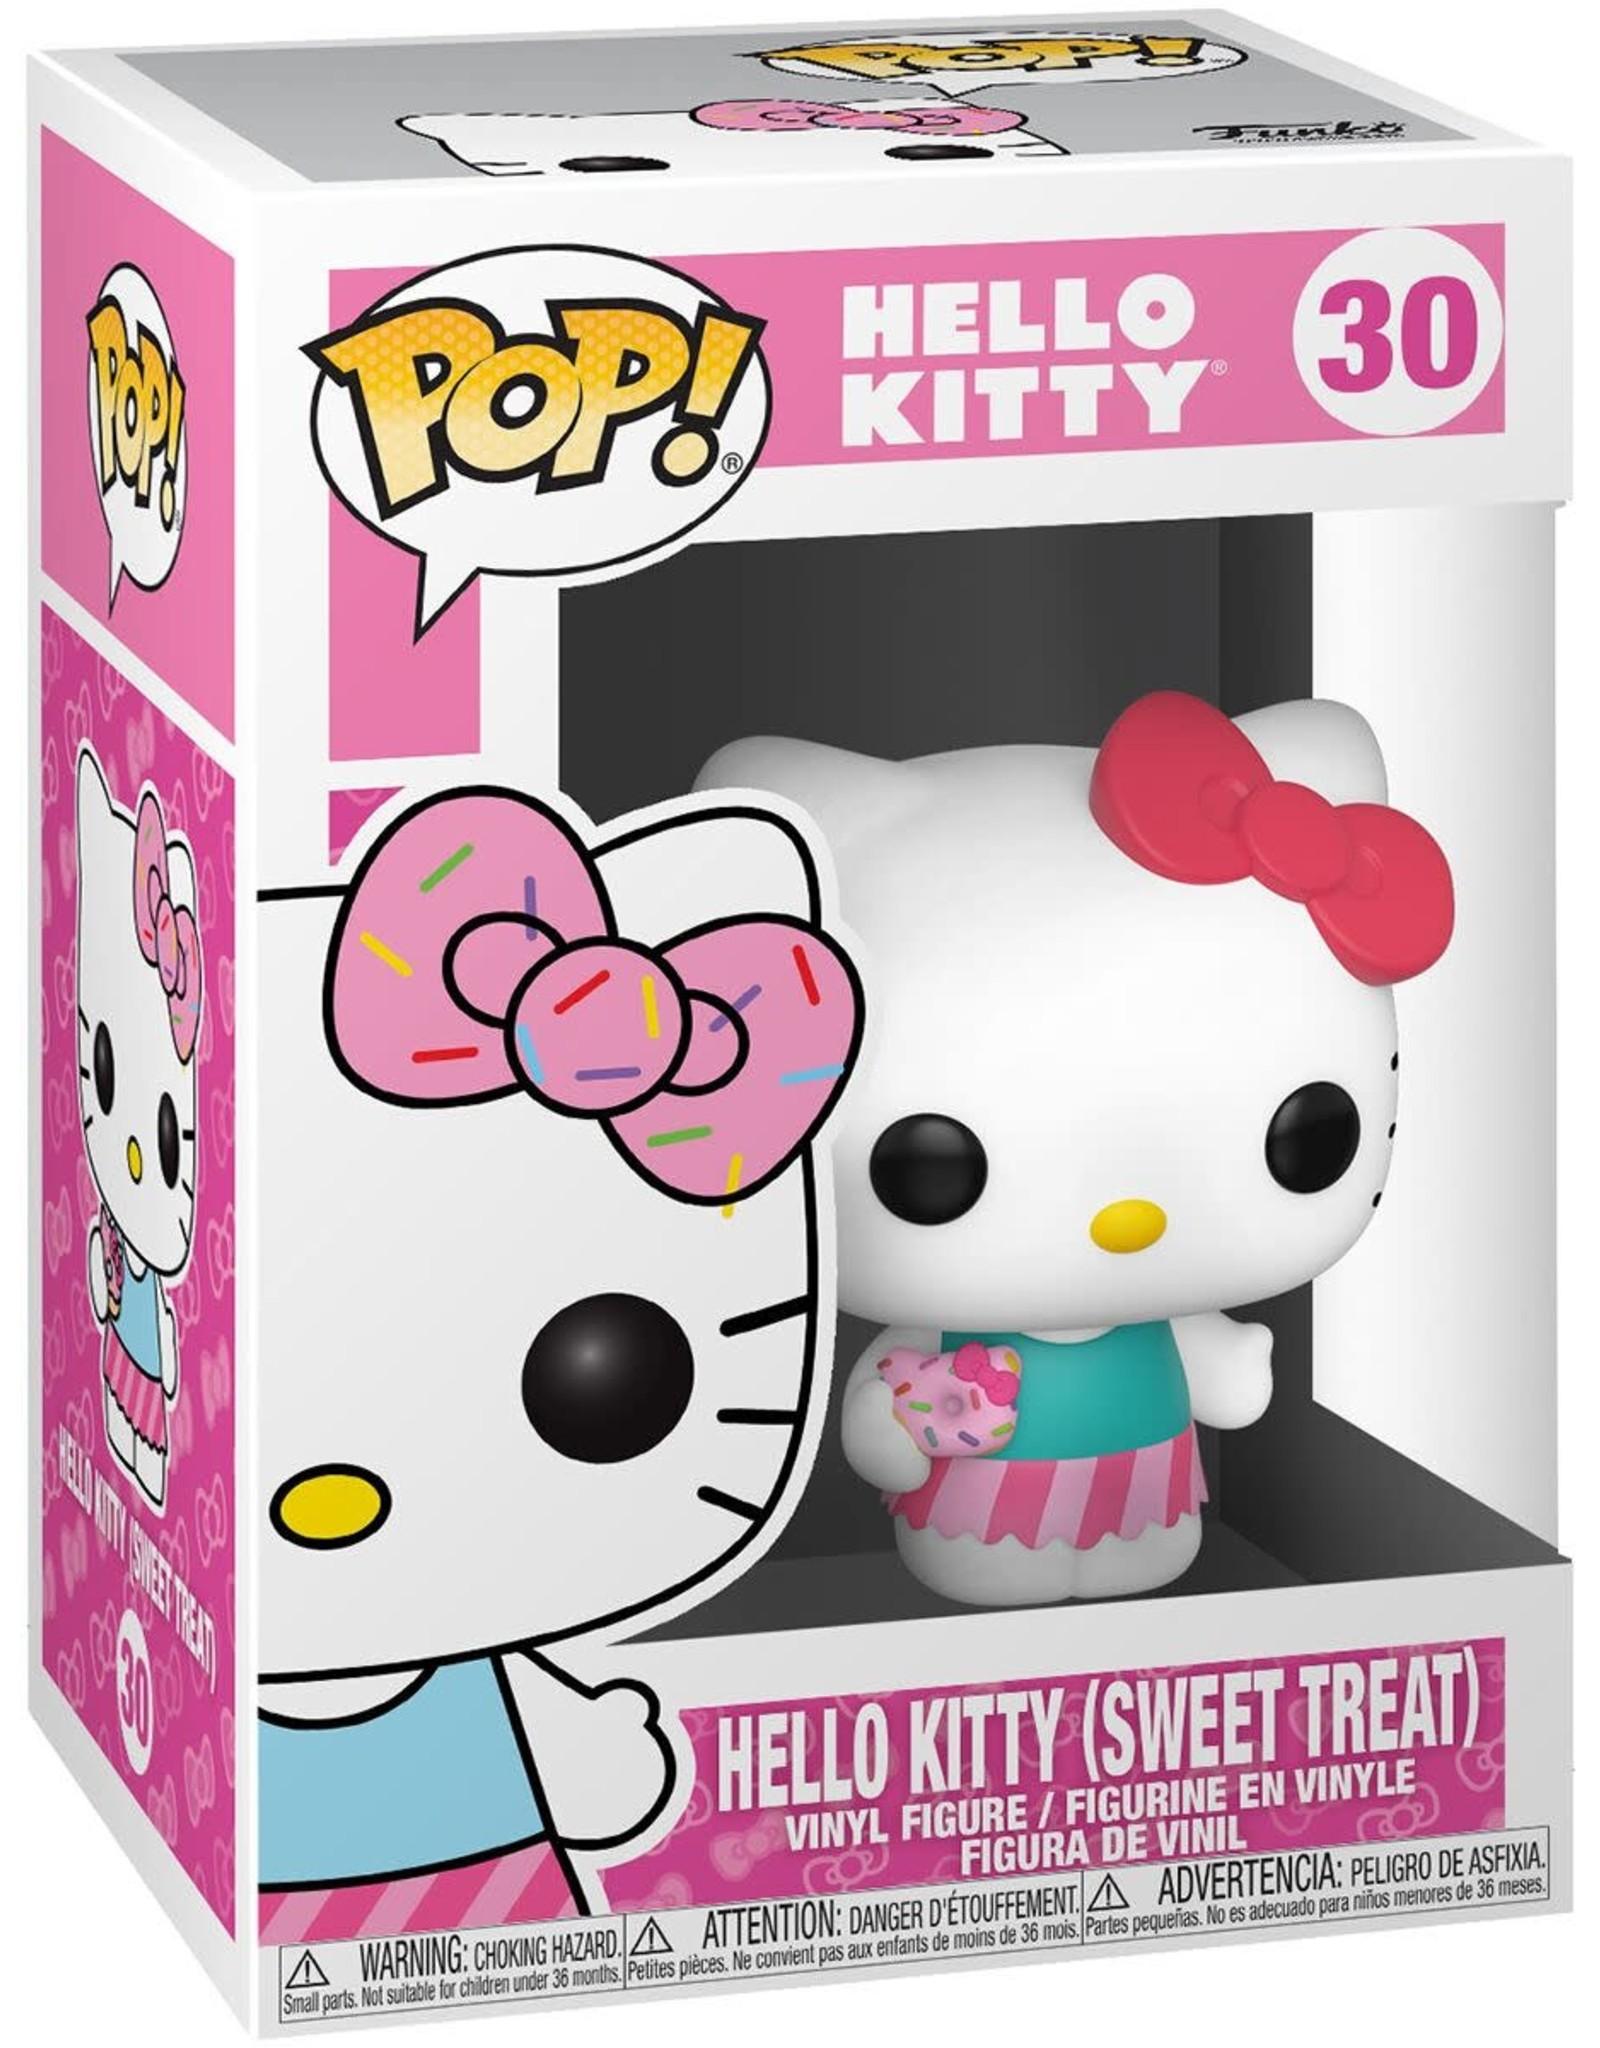 Hello Kitty - Hello Kitty (Sweet Treat) - Funko Pop! Hello Kitty 30